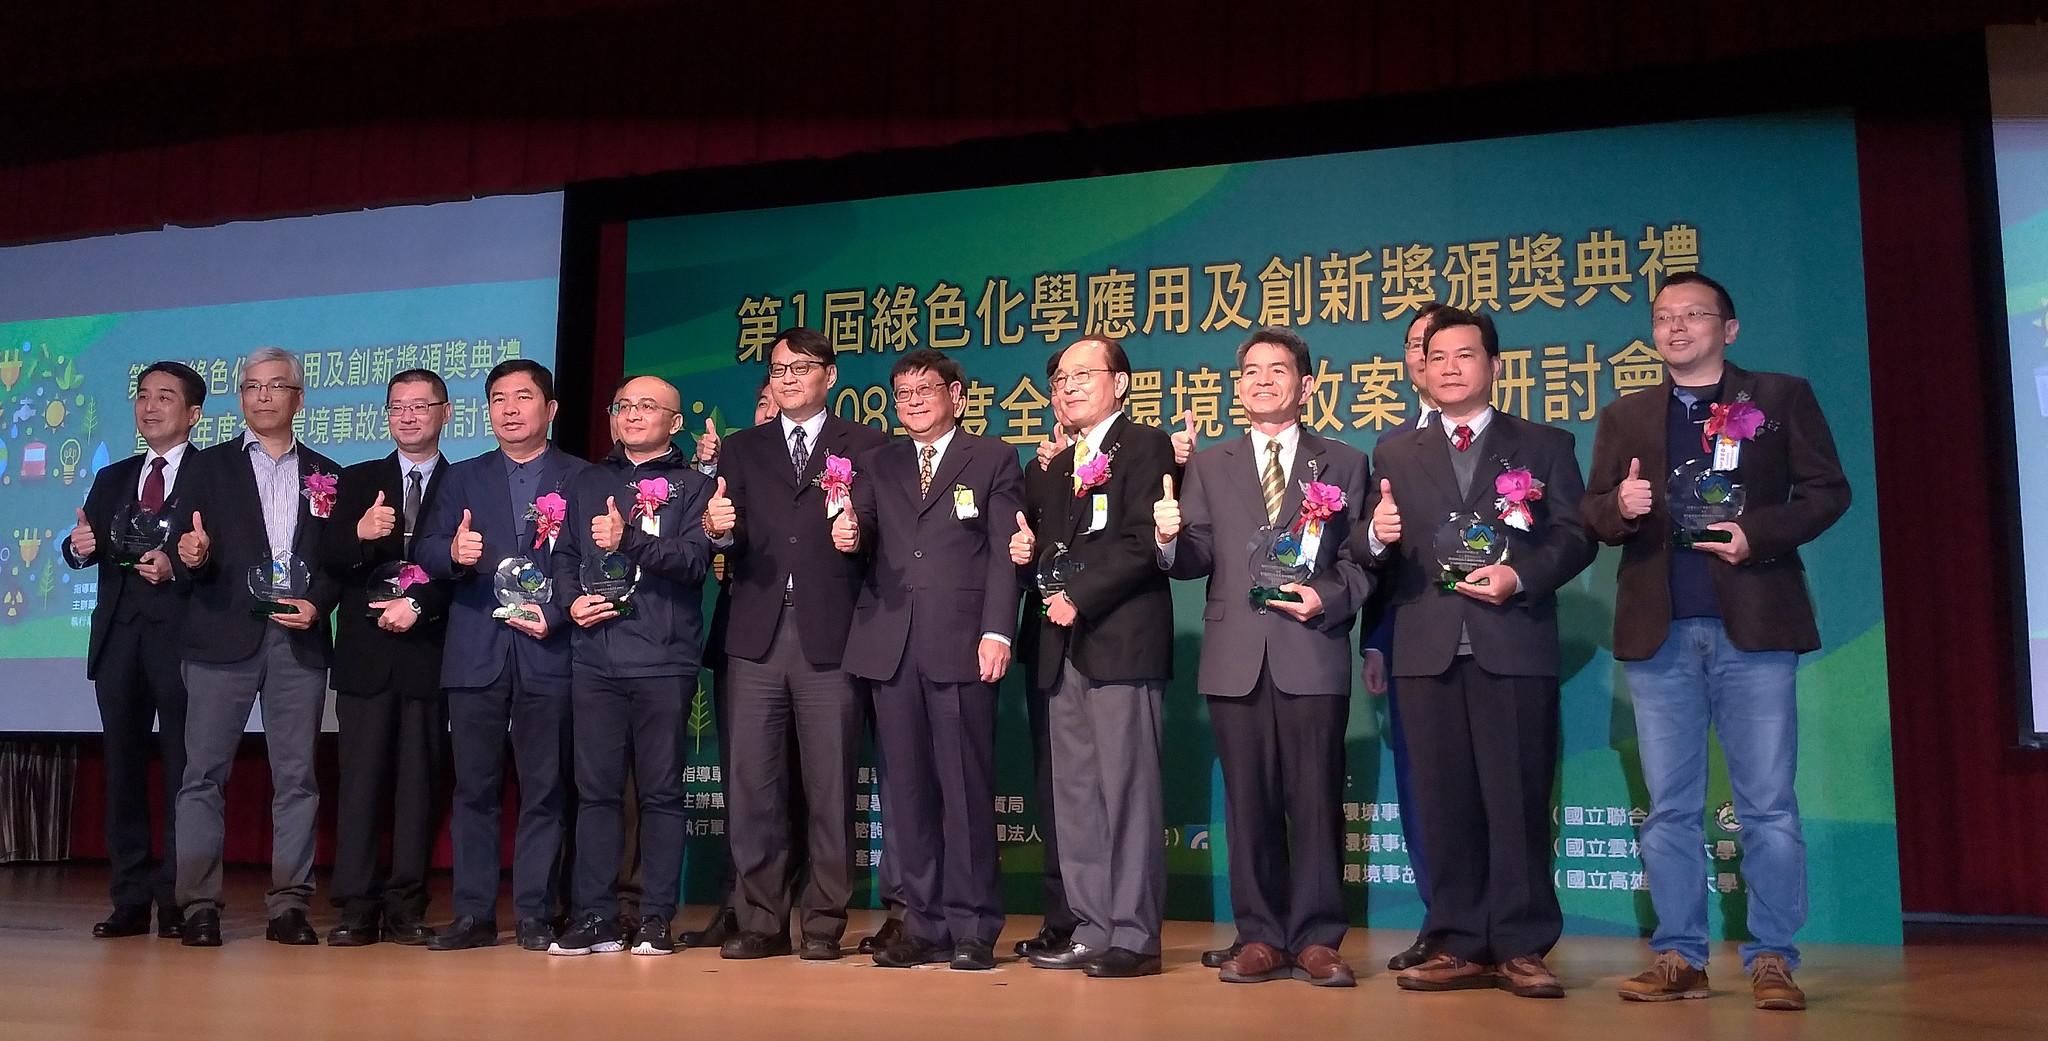 張子敬與第一屆綠色化學應用與創新獎團體組得獎者合影。孫文臨攝